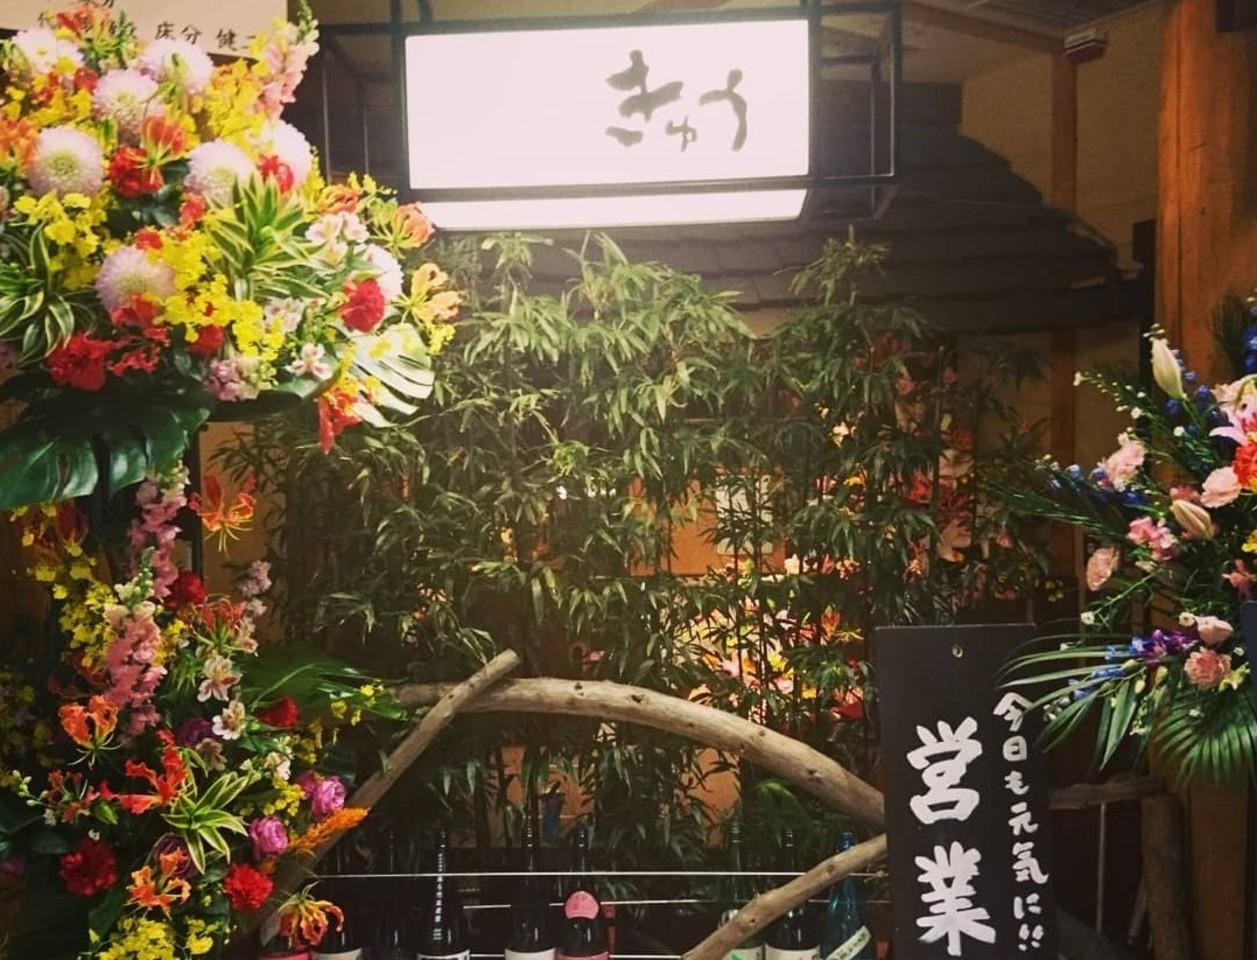 神奈川県横浜市戸塚区品濃町に「炭火焼鳥 こだわり料理 きゅう」が11/20オープンされたようです。